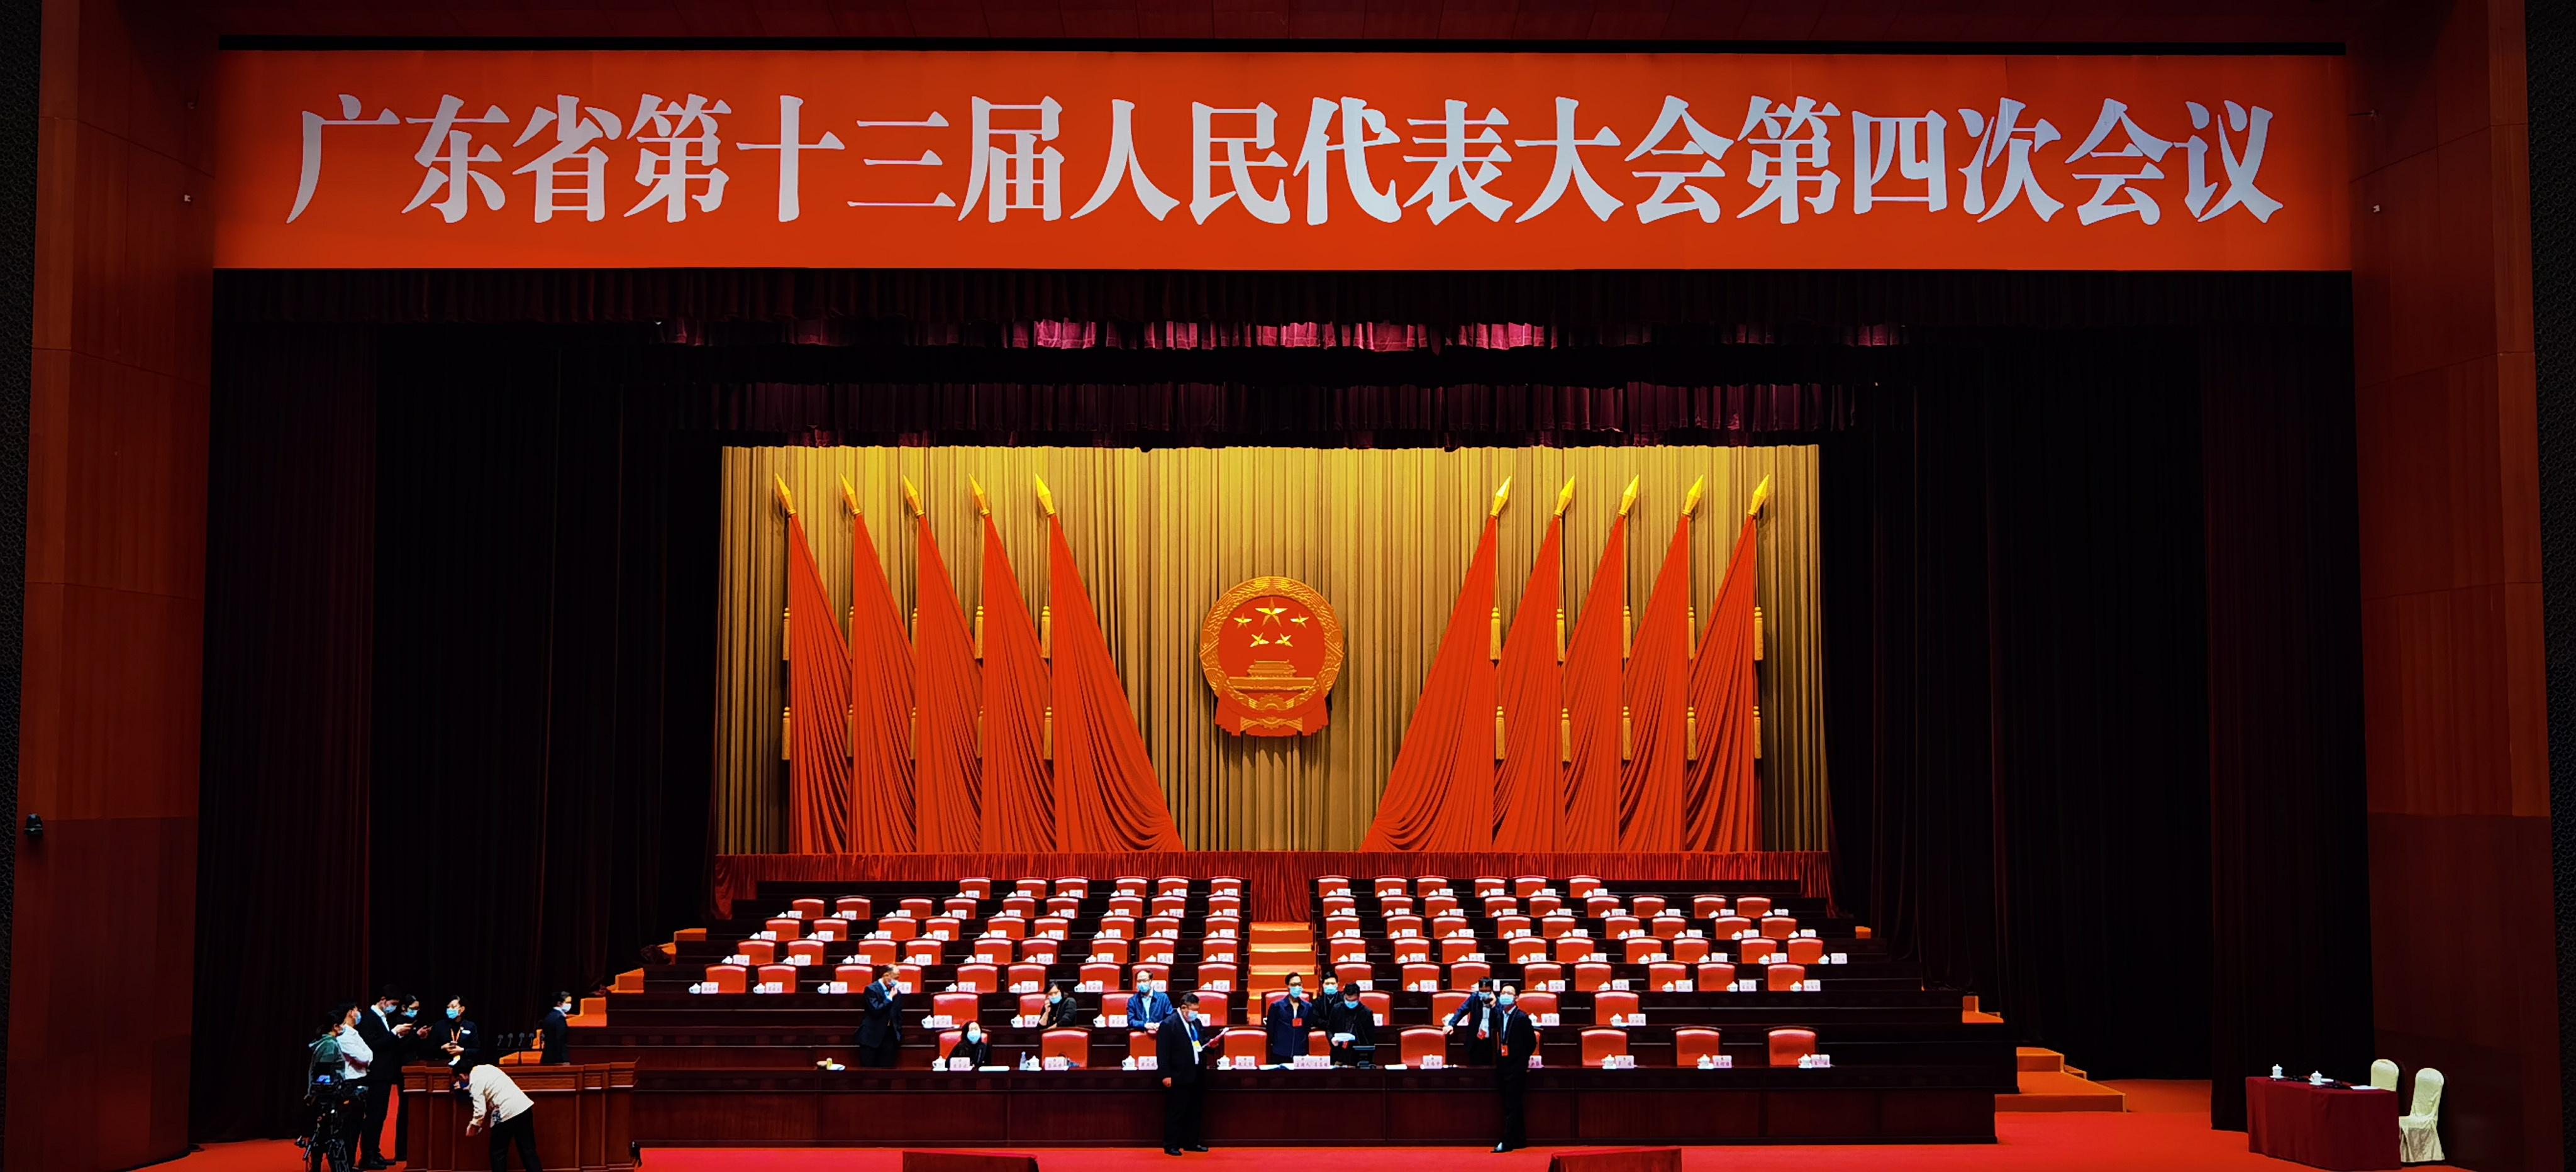 广东省十三届人大四次会议将于1月24日开幕